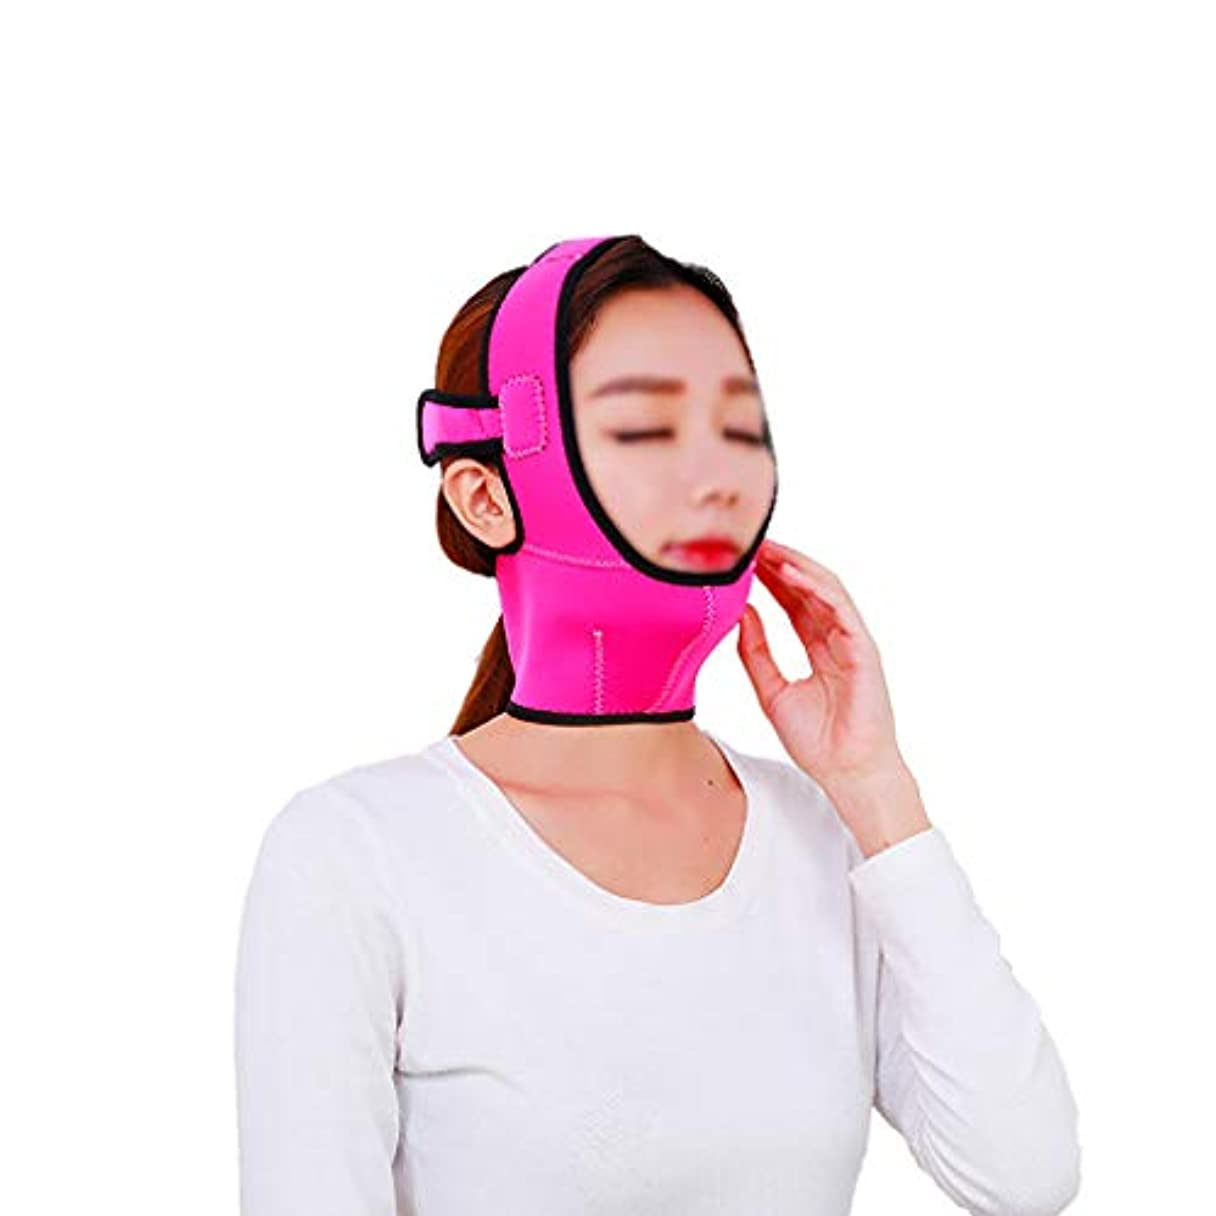 ケニア記憶均等にGLJJQMY 顔と首のリフトの男性と女性のフェイスリフトのアーティファクトは、マスクのリラックスしたあごの肌を引き締め首の肌を強化収縮リフトピンクの包帯を強化 顔用整形マスク